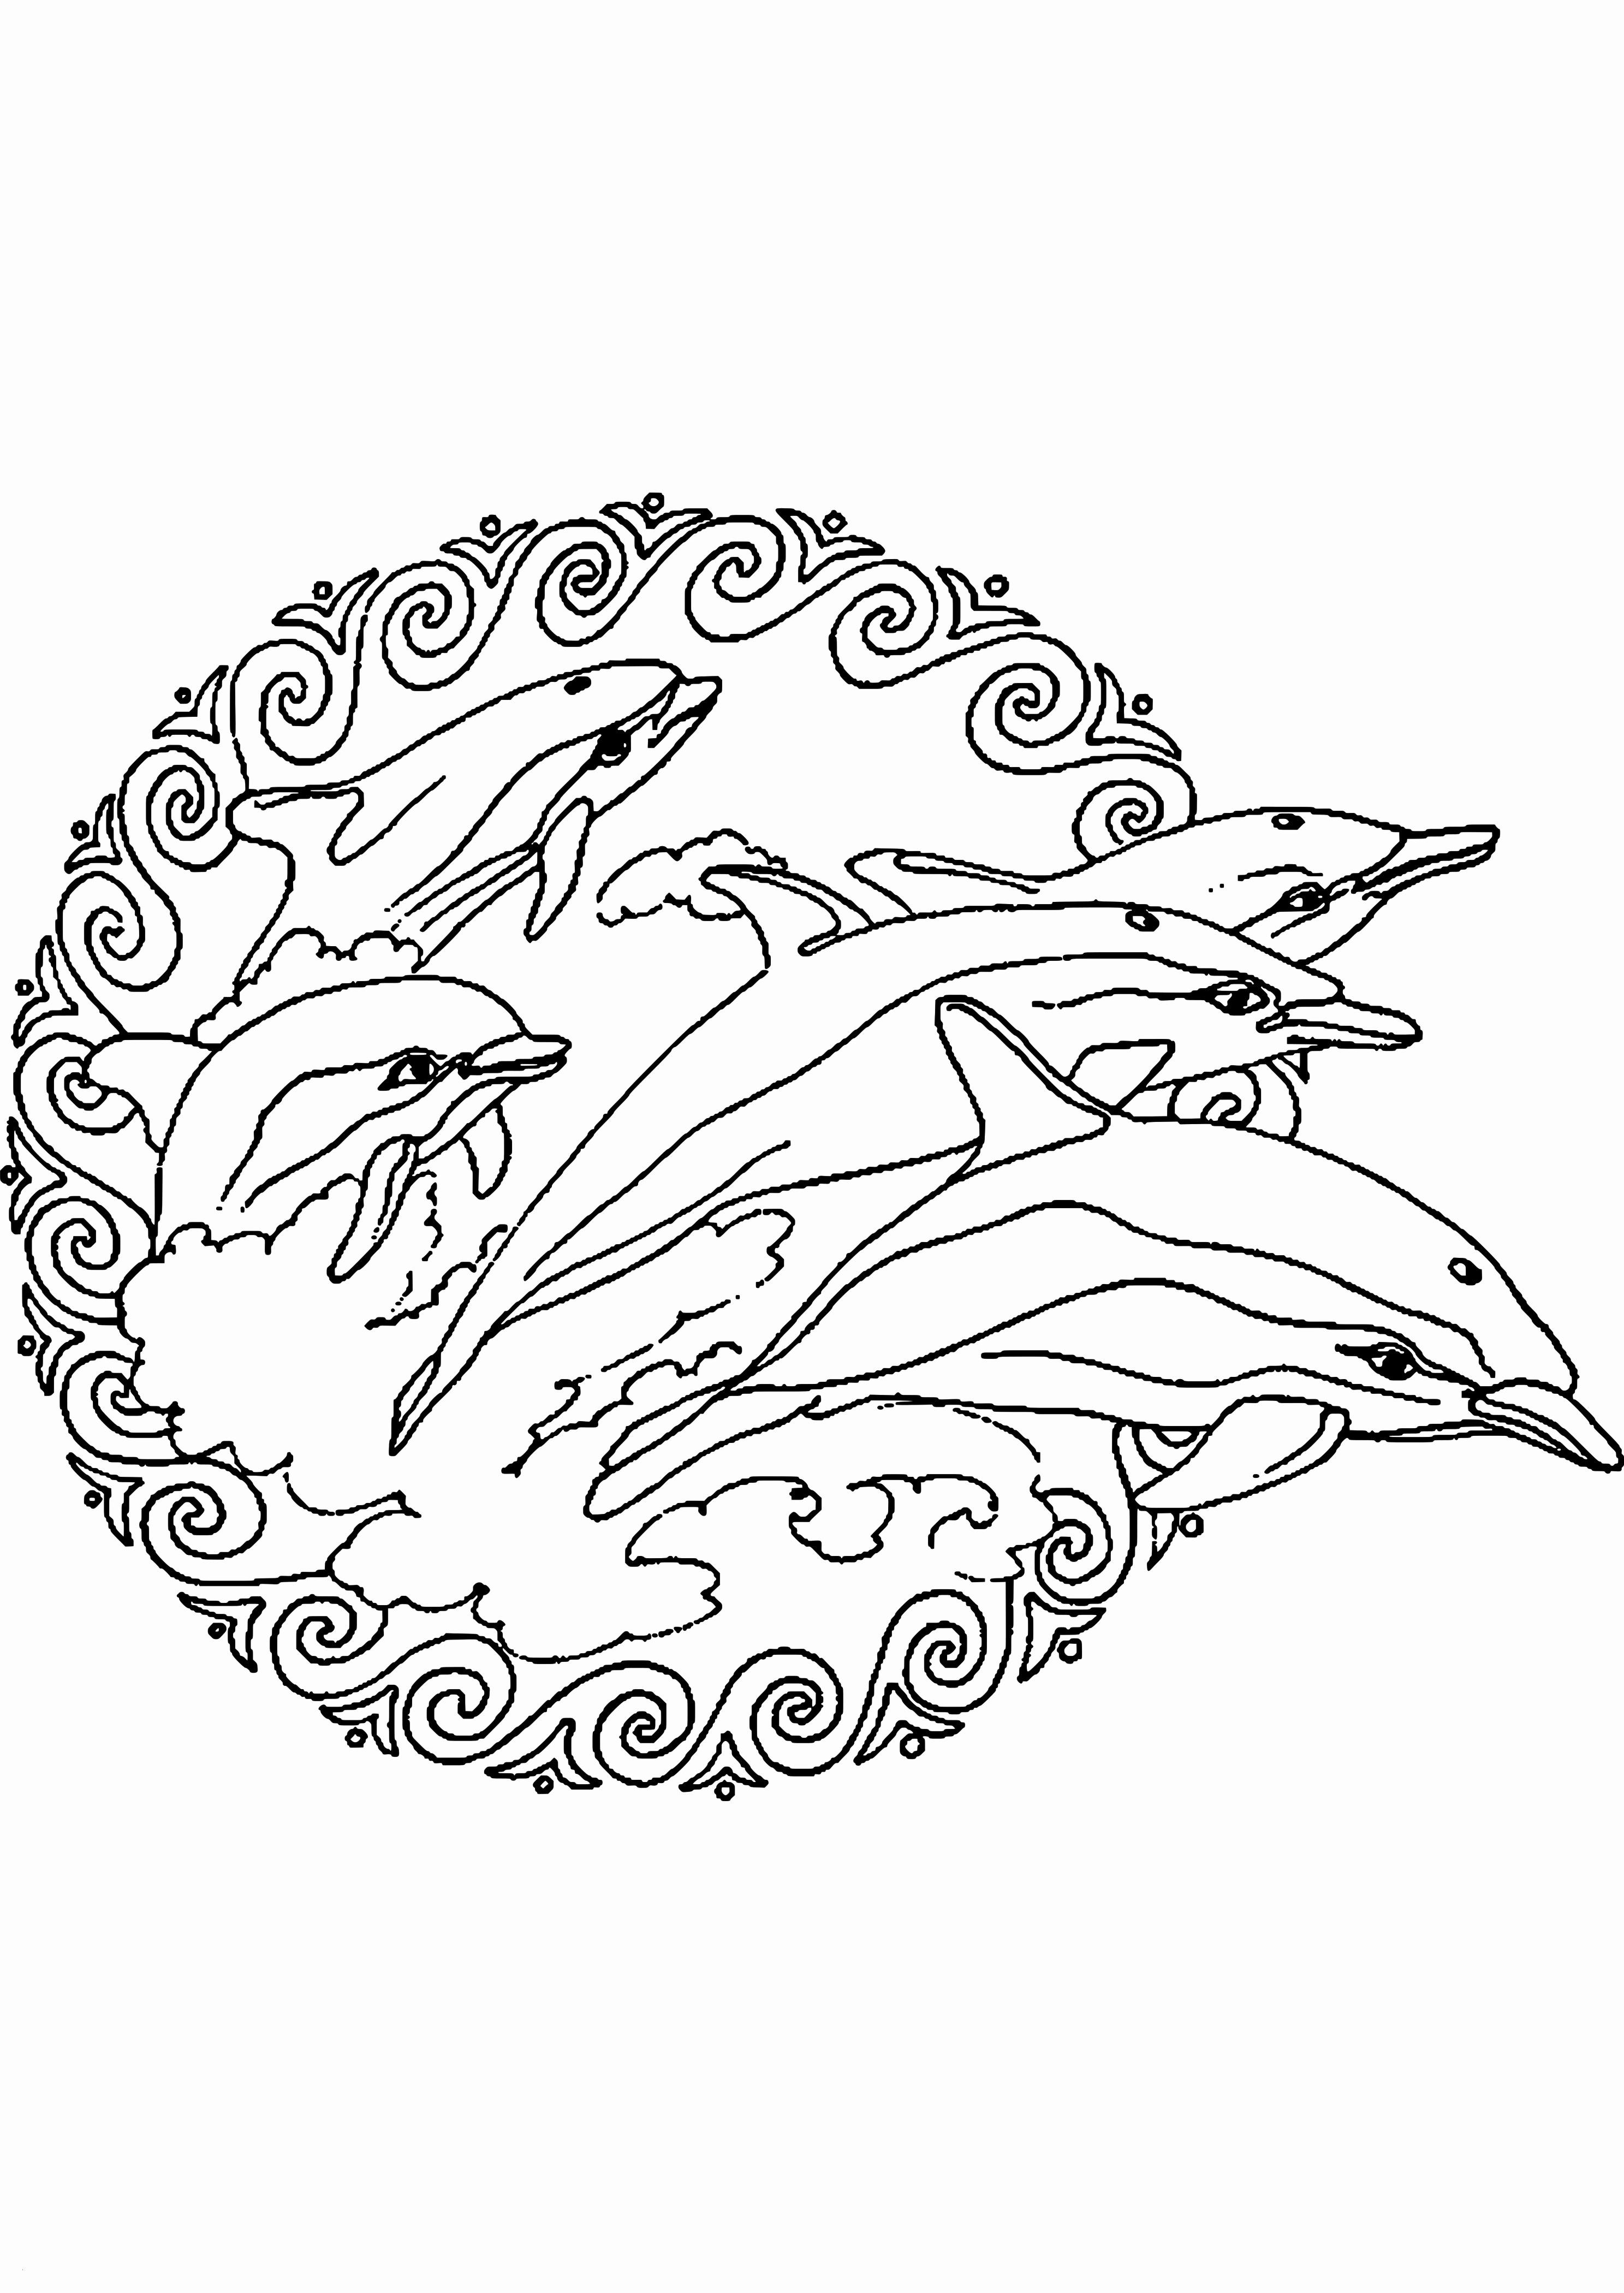 Delfin Bilder Zum Ausdrucken Neu Ausmalbilder Delfine Zum Ausdrucken Sammlungen Malvorlagen Delphin Bild